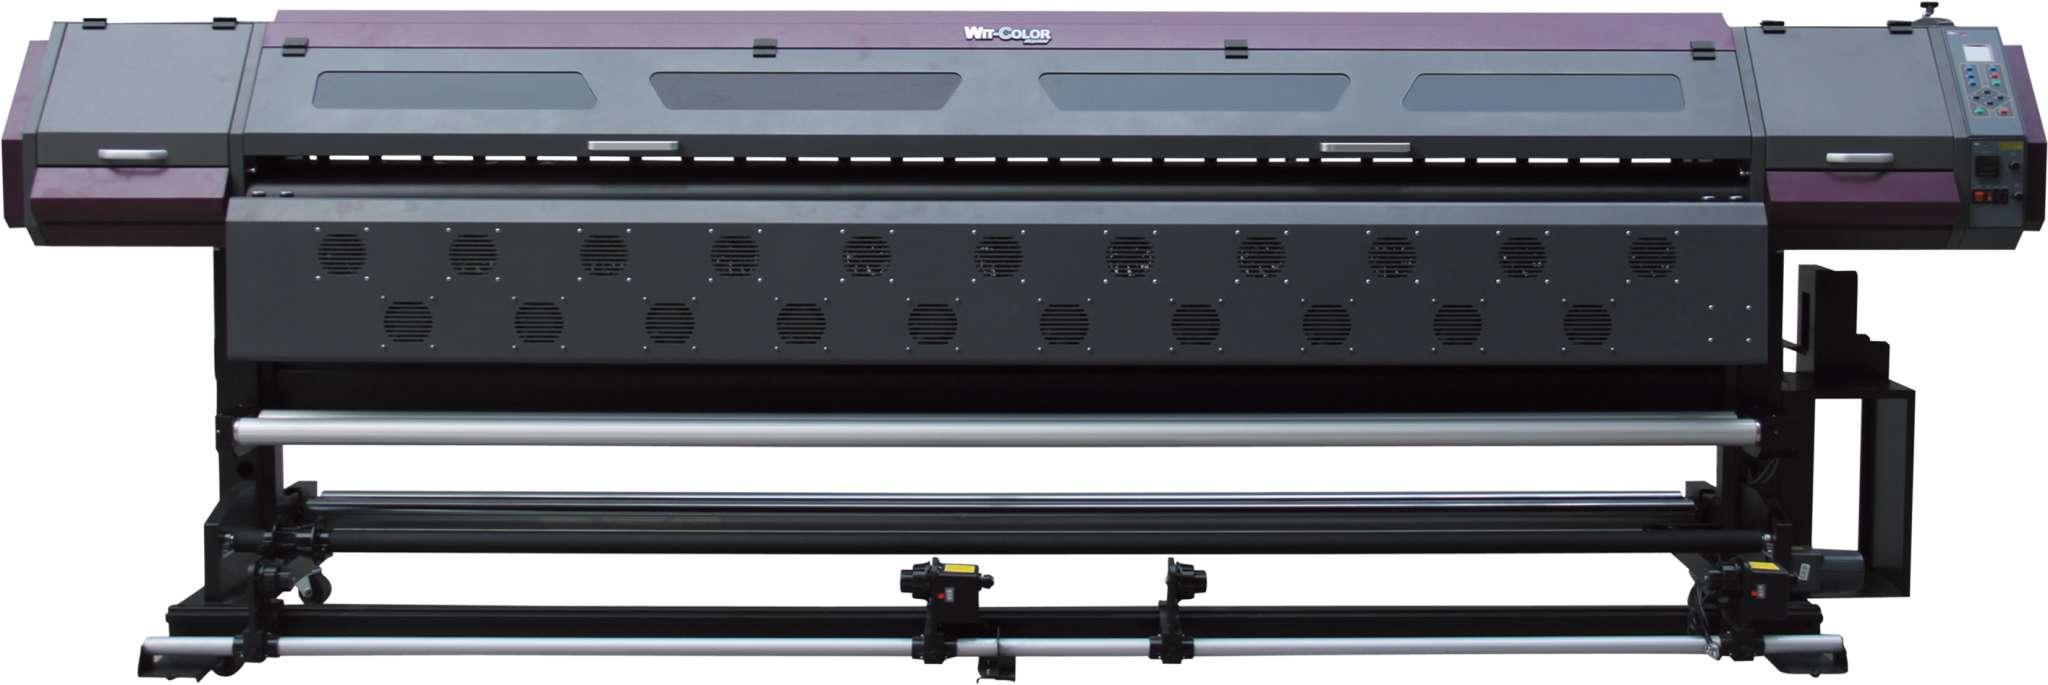 广告设备打印机赛博3302s写真机最好的写真机最大户外写真机口碑最好